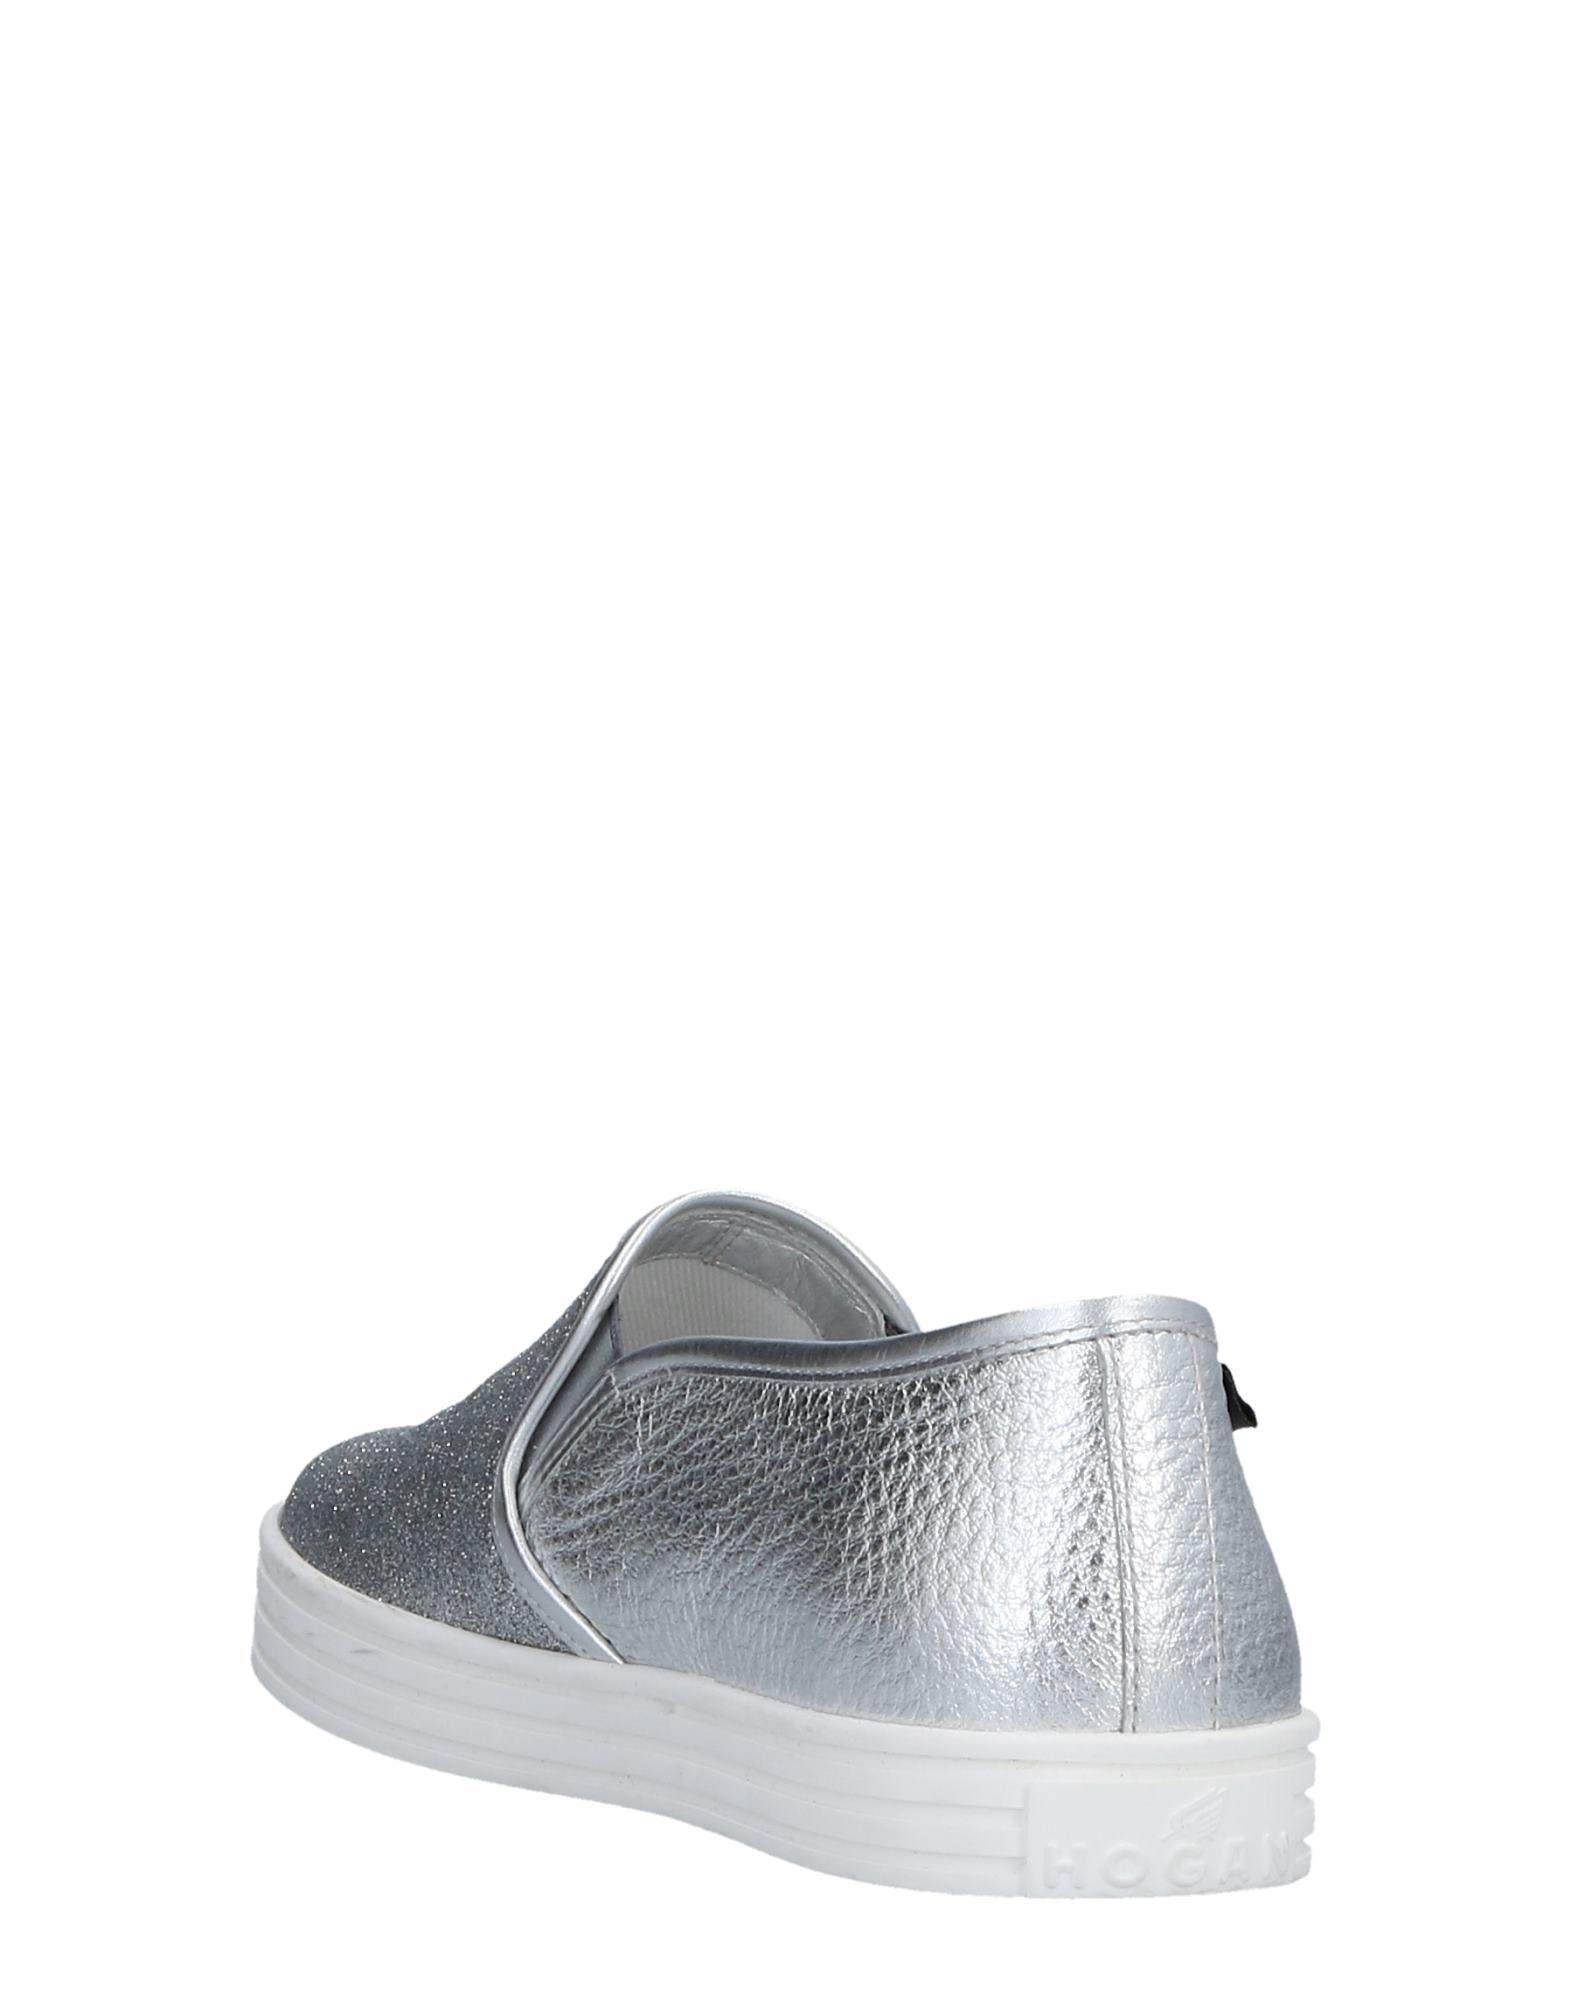 Klassischer Stil-21459,Hogan Rebel Sneakers Damen sich Gutes Preis-Leistungs-Verhältnis, es lohnt sich Damen 272927